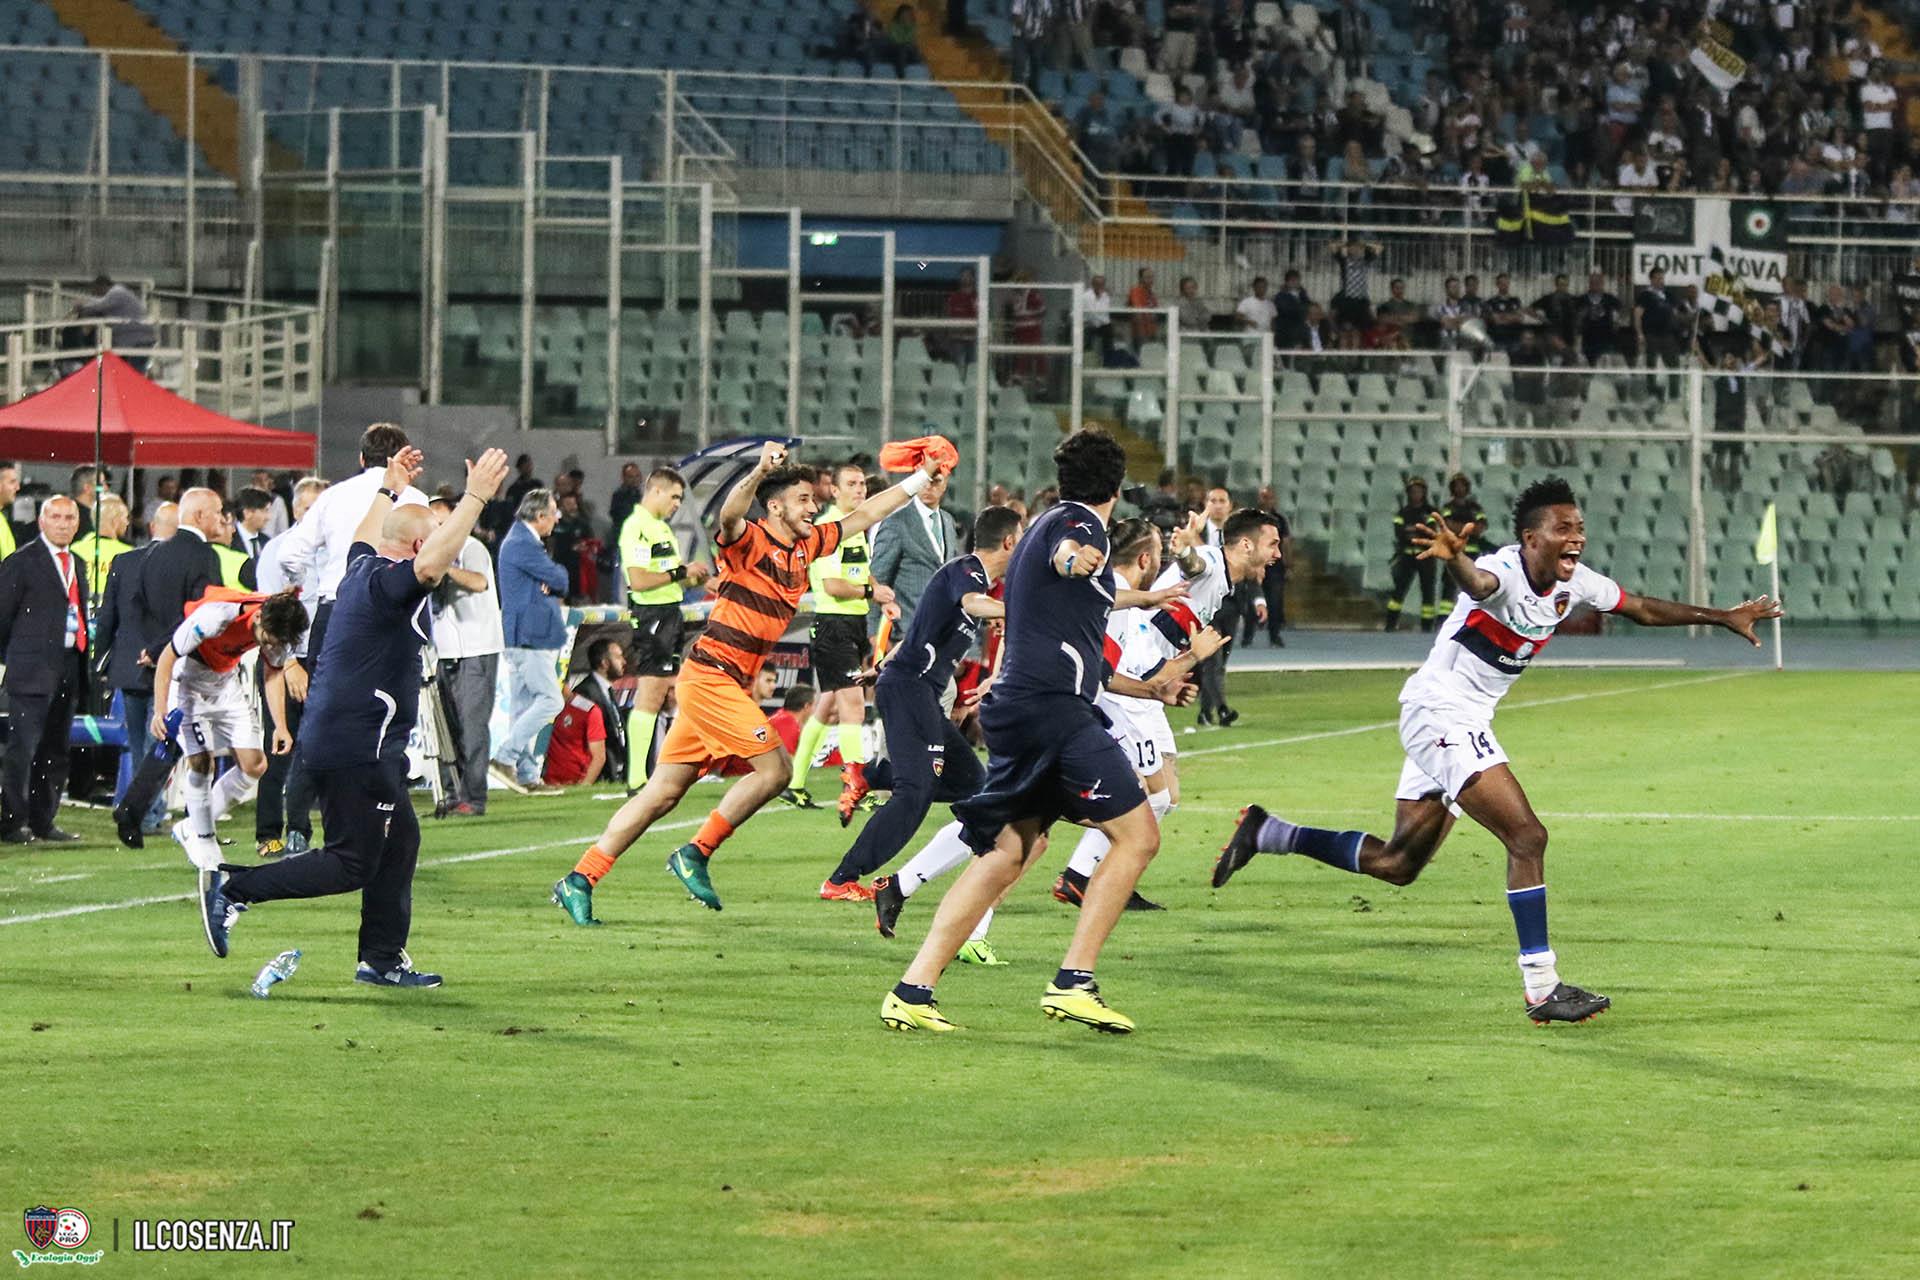 Il momento del fischio finale nella finale playoff Robur Siena-Cosenza 16-06-18 Ph IlCosenza.it